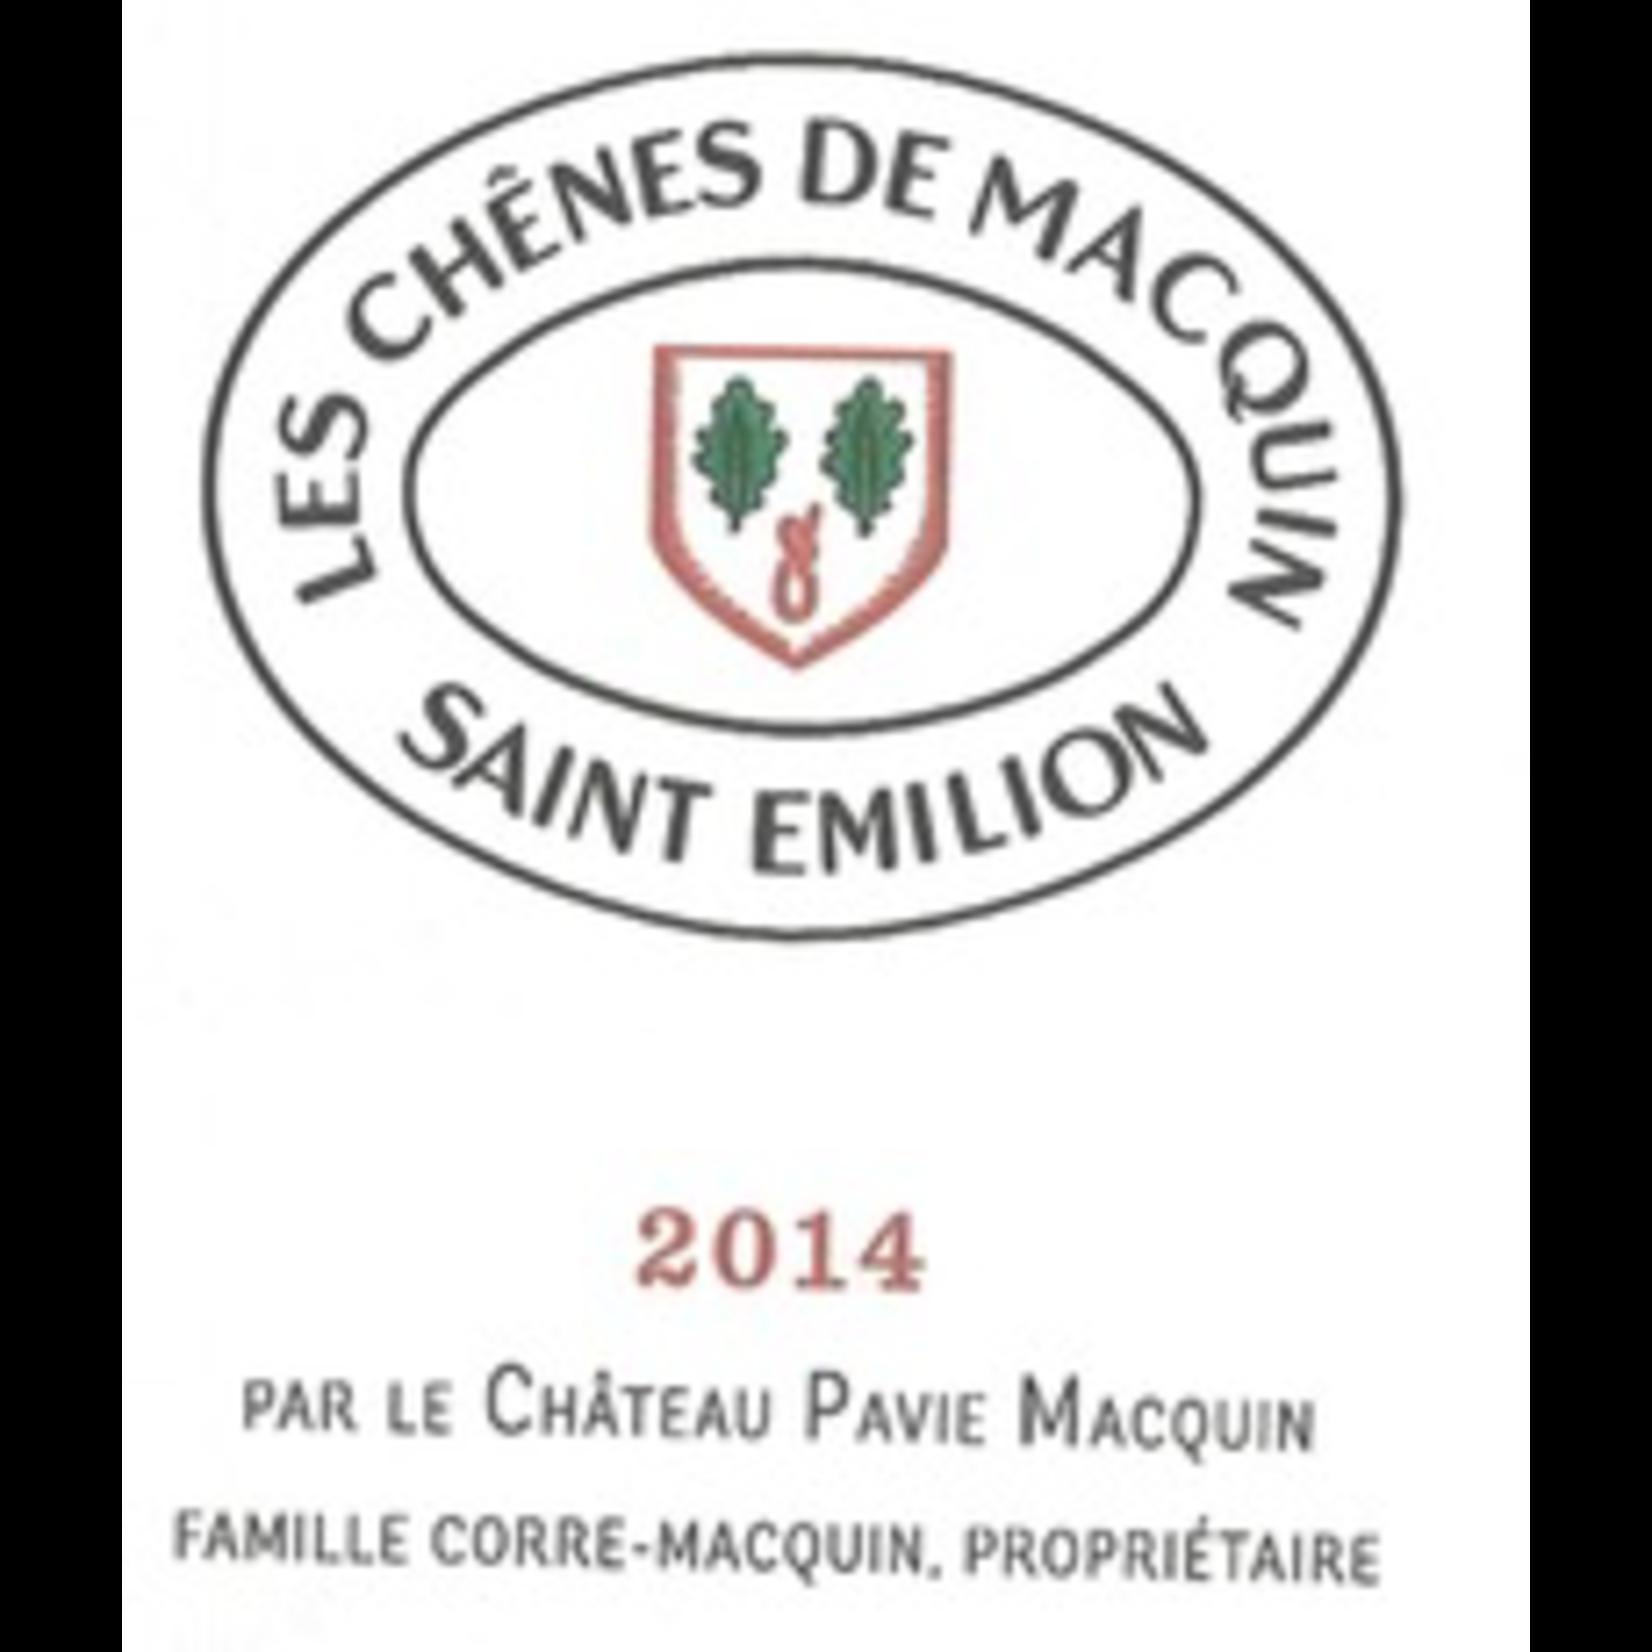 Wine Chateau Pavie-Macquin, Saint-Emilion Grand Cru Classe 2014